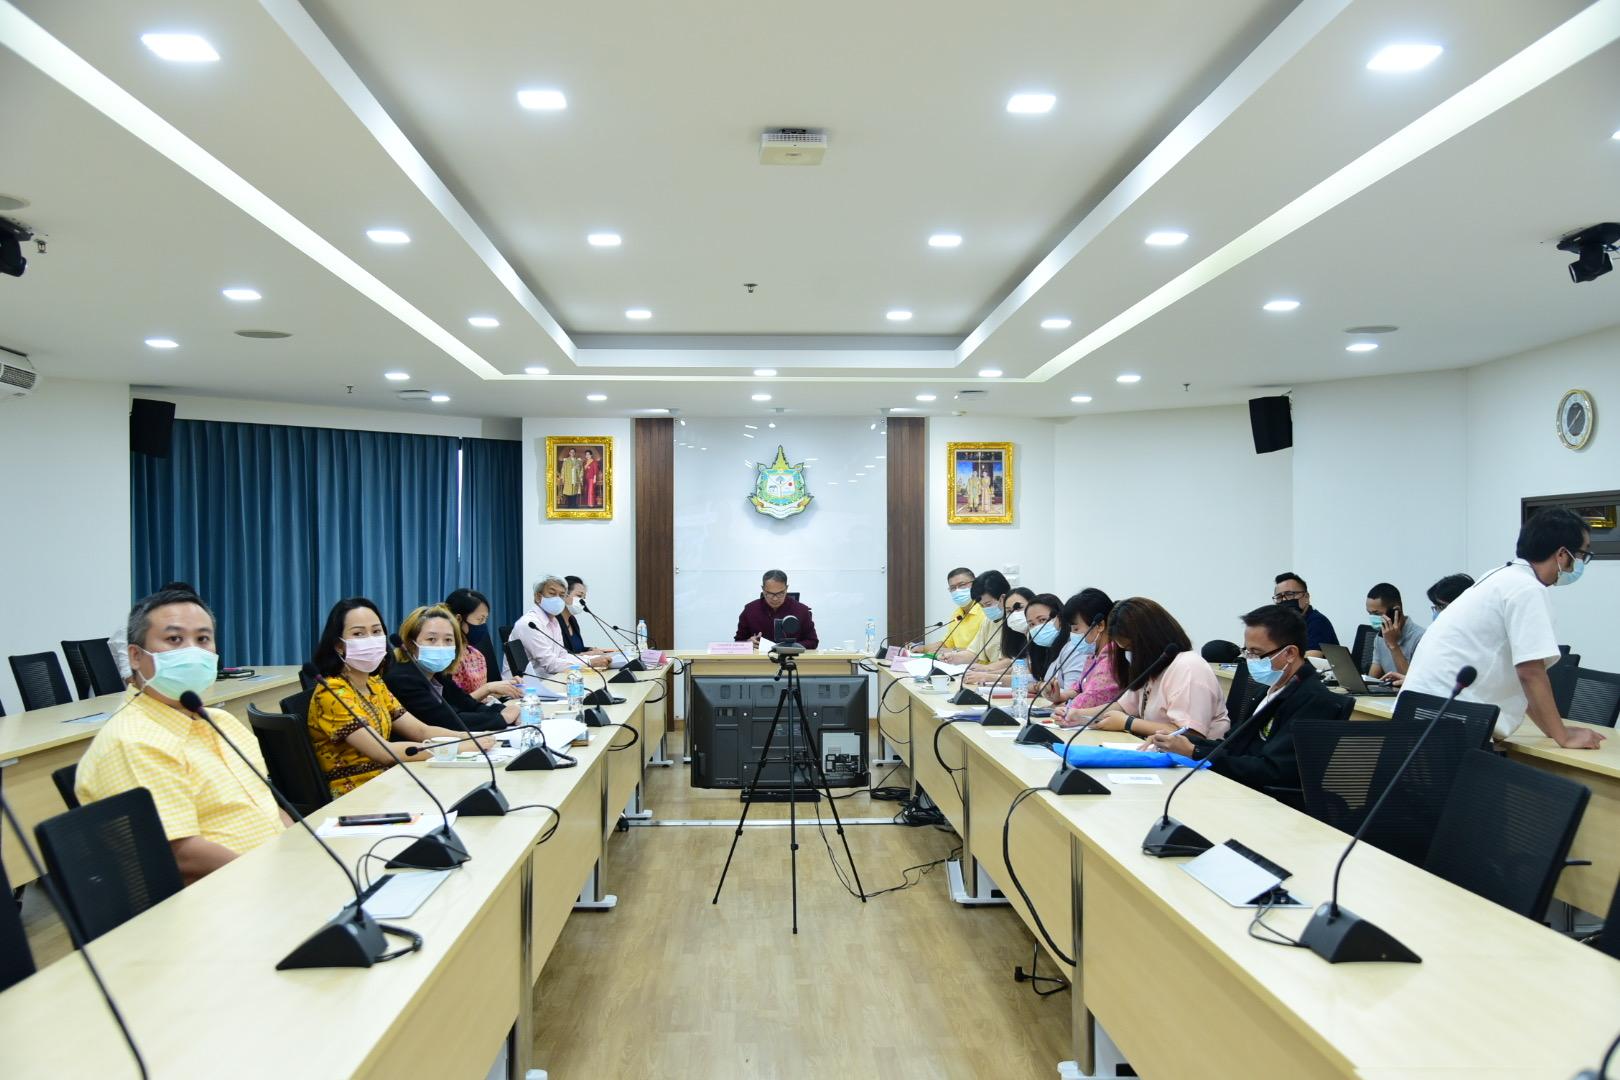 ศทส.จัดประชุมคณะกรรมการบริหารเทคโนโลยีสารสนเทศระดับสูง